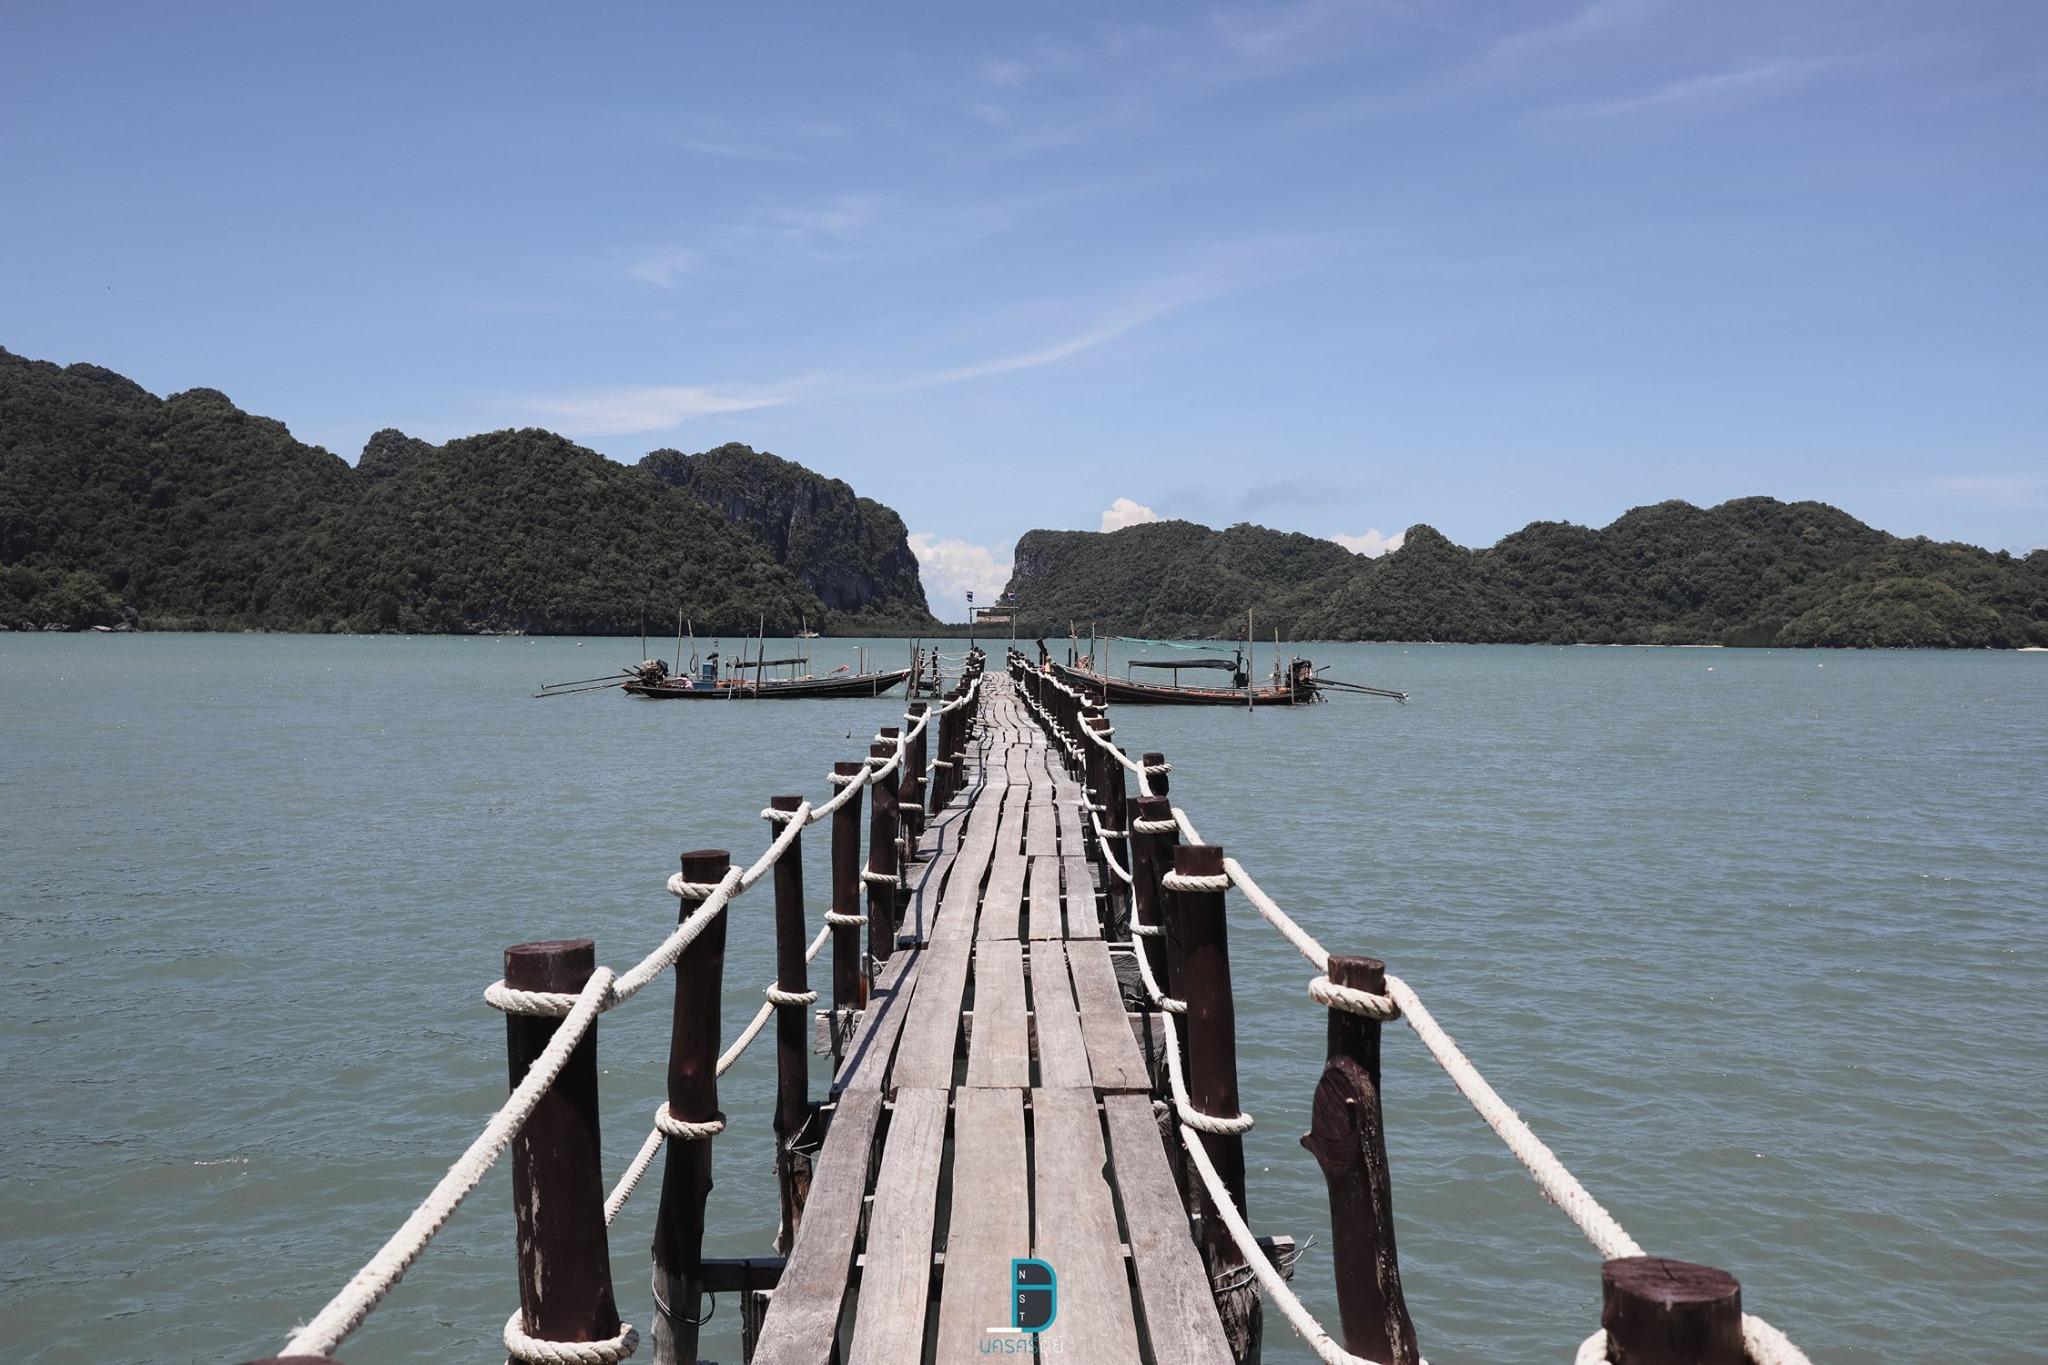 มาถึงจุดต่อไป-สะพานไม้อ่าวเตล็ด-ขนอม-จุดนี้ขอบอกว่าสวยฮิตจริงๆในช่วงนี้-ตัวสะพานไม้ยาวไปจนถึงกลางทะเล-วิวด้านหลังเป็นระหว่างเขา-2-ลูกพอดี-ขอบอกว่าสวยงามสุดๆจริงๆครับ  ขนอม,เที่ยวไหนดี,จุดเช็คอิน,ของกิน,โรงแรม